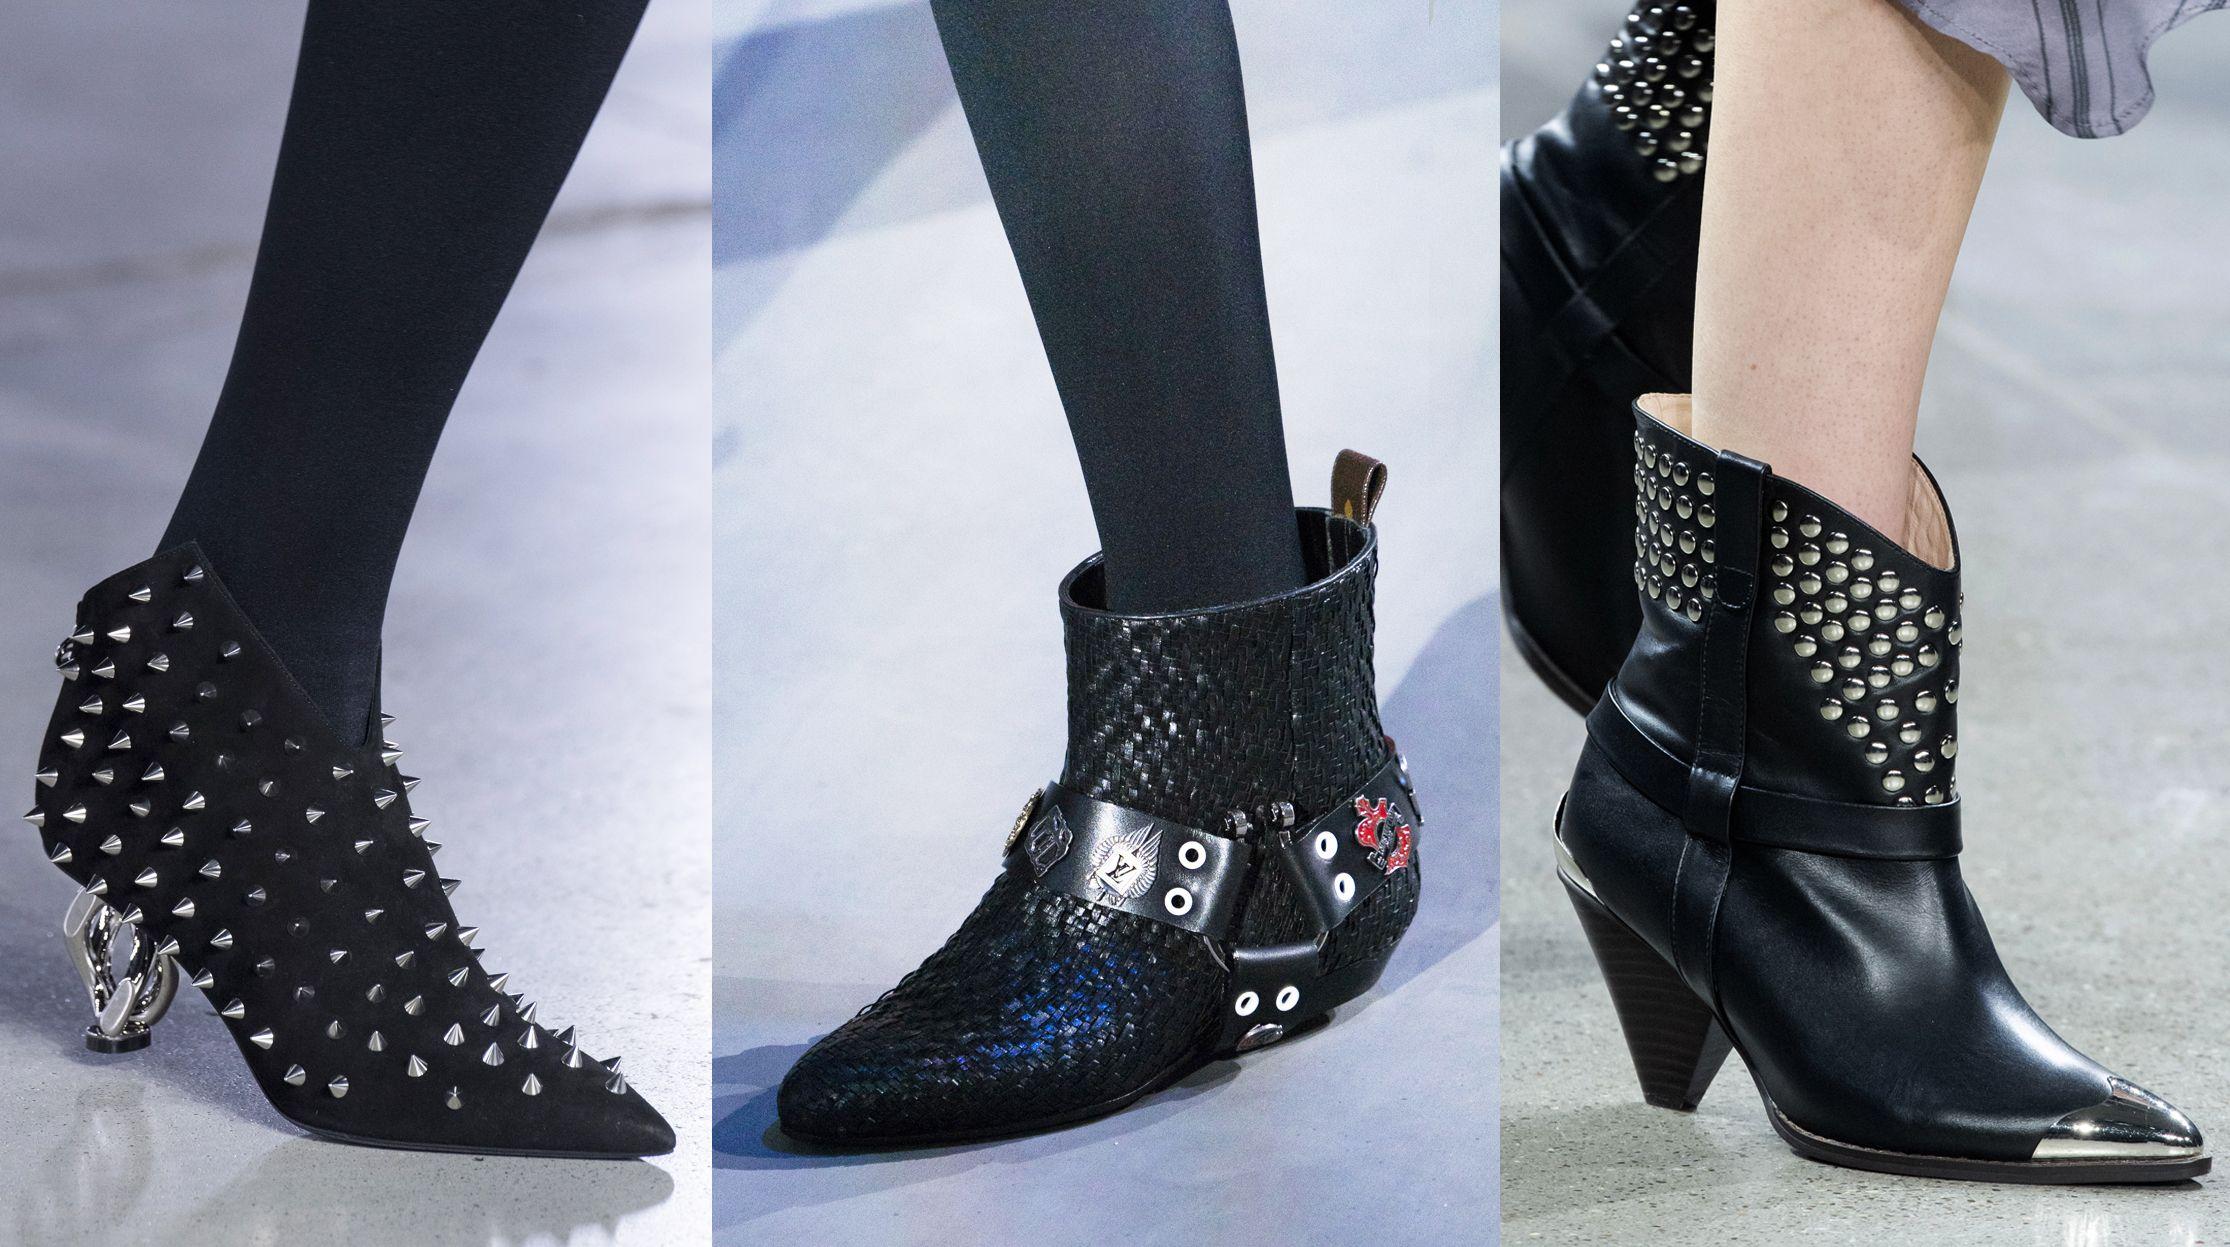 Moda autunno inverno 2019 2020, le scarpe che adorerai